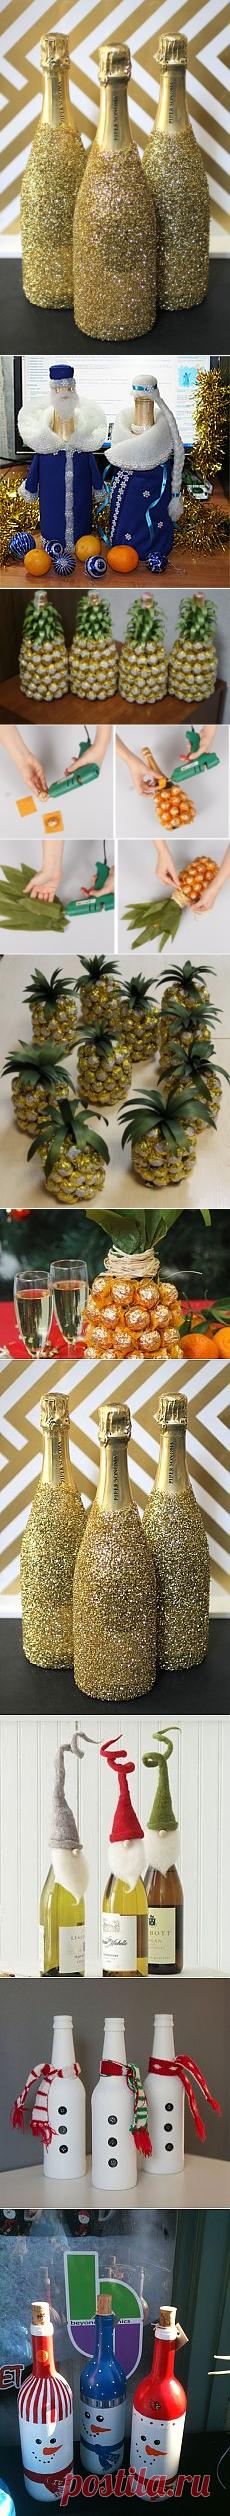 Поиск на Постиле: новогодний декор бутылок